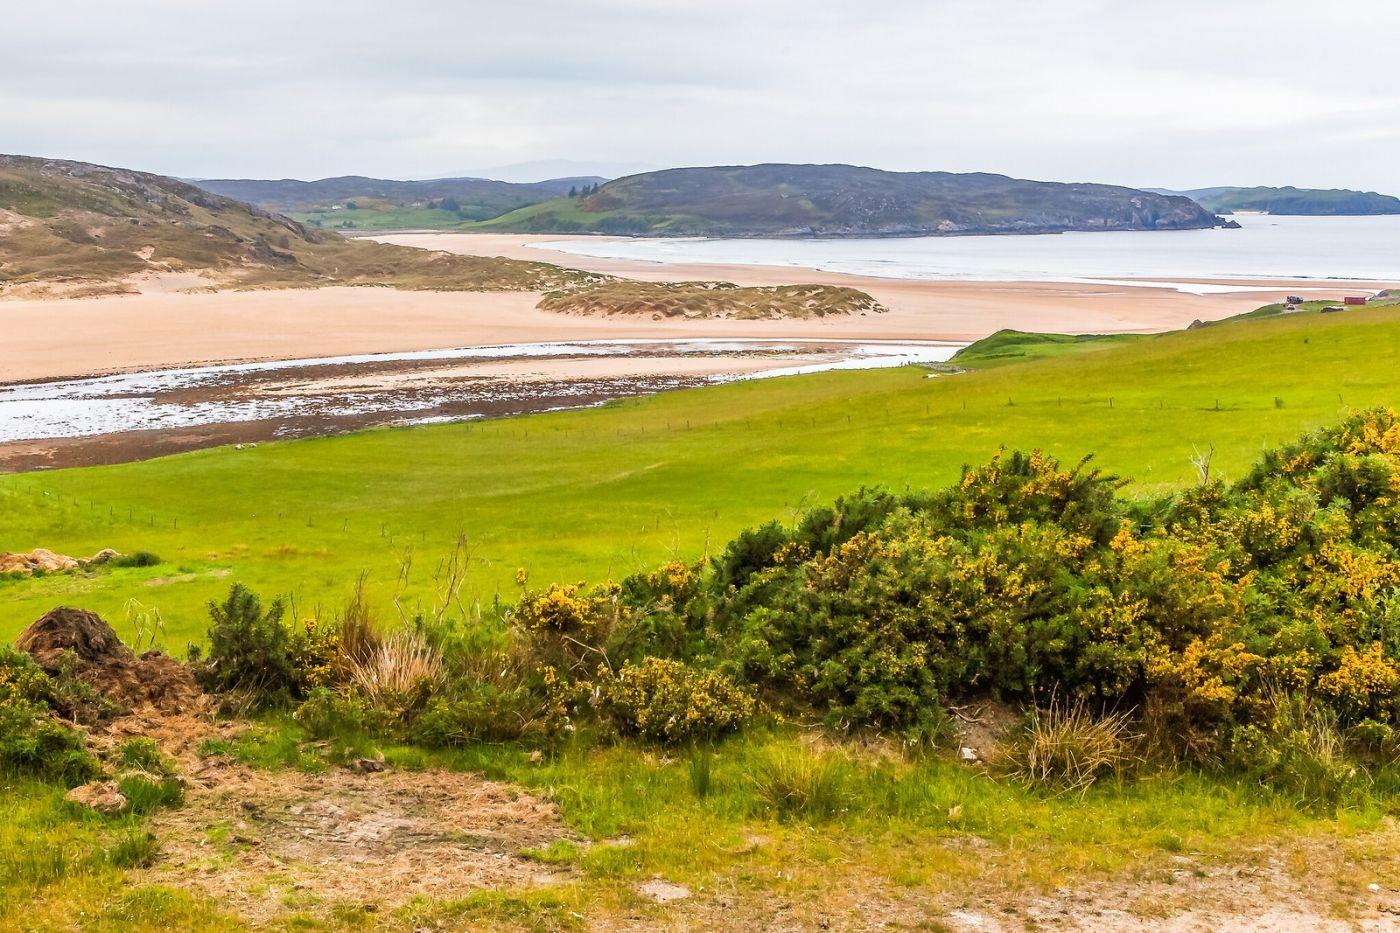 苏格兰美景,弯弯的沙滩_图1-5